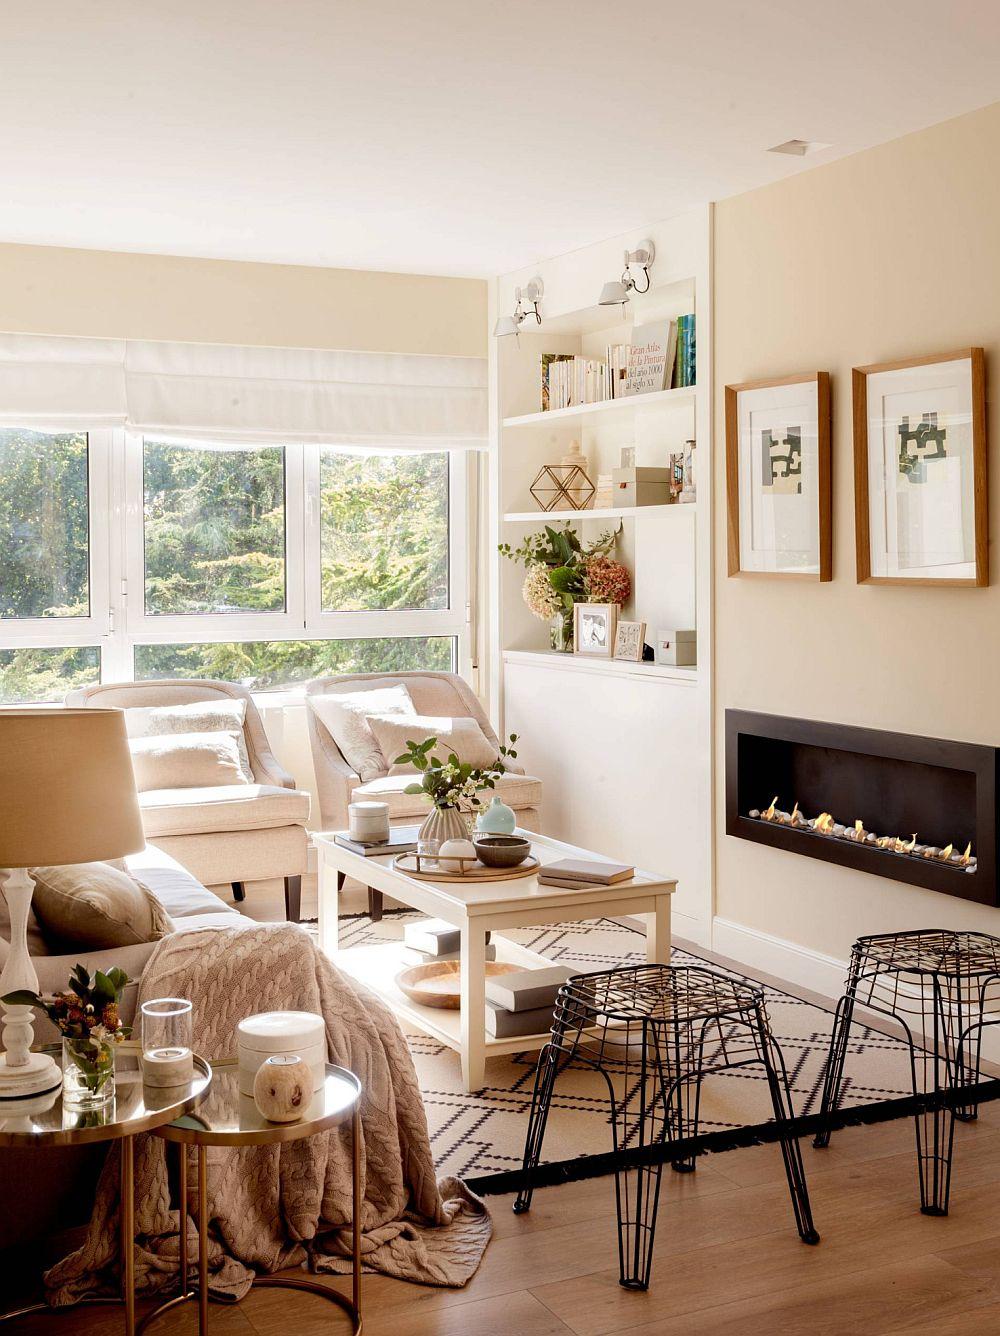 Camera de zi este în primul rând foarte luminoasă și are un aer intim, care vorbete despre acasă. Culorile sunt toate deschise, dar finisajul pardoselii, accentele de lemn și tuțele de negru contribuie la imaginea contemporană. De asemenea, faptul că suprafața ferestrelor este liberă, fără perdele, face ca spațiul să se simtă foarte luminos. Șemineul cu bioetanol este un element contemporan frumos integrat în living.